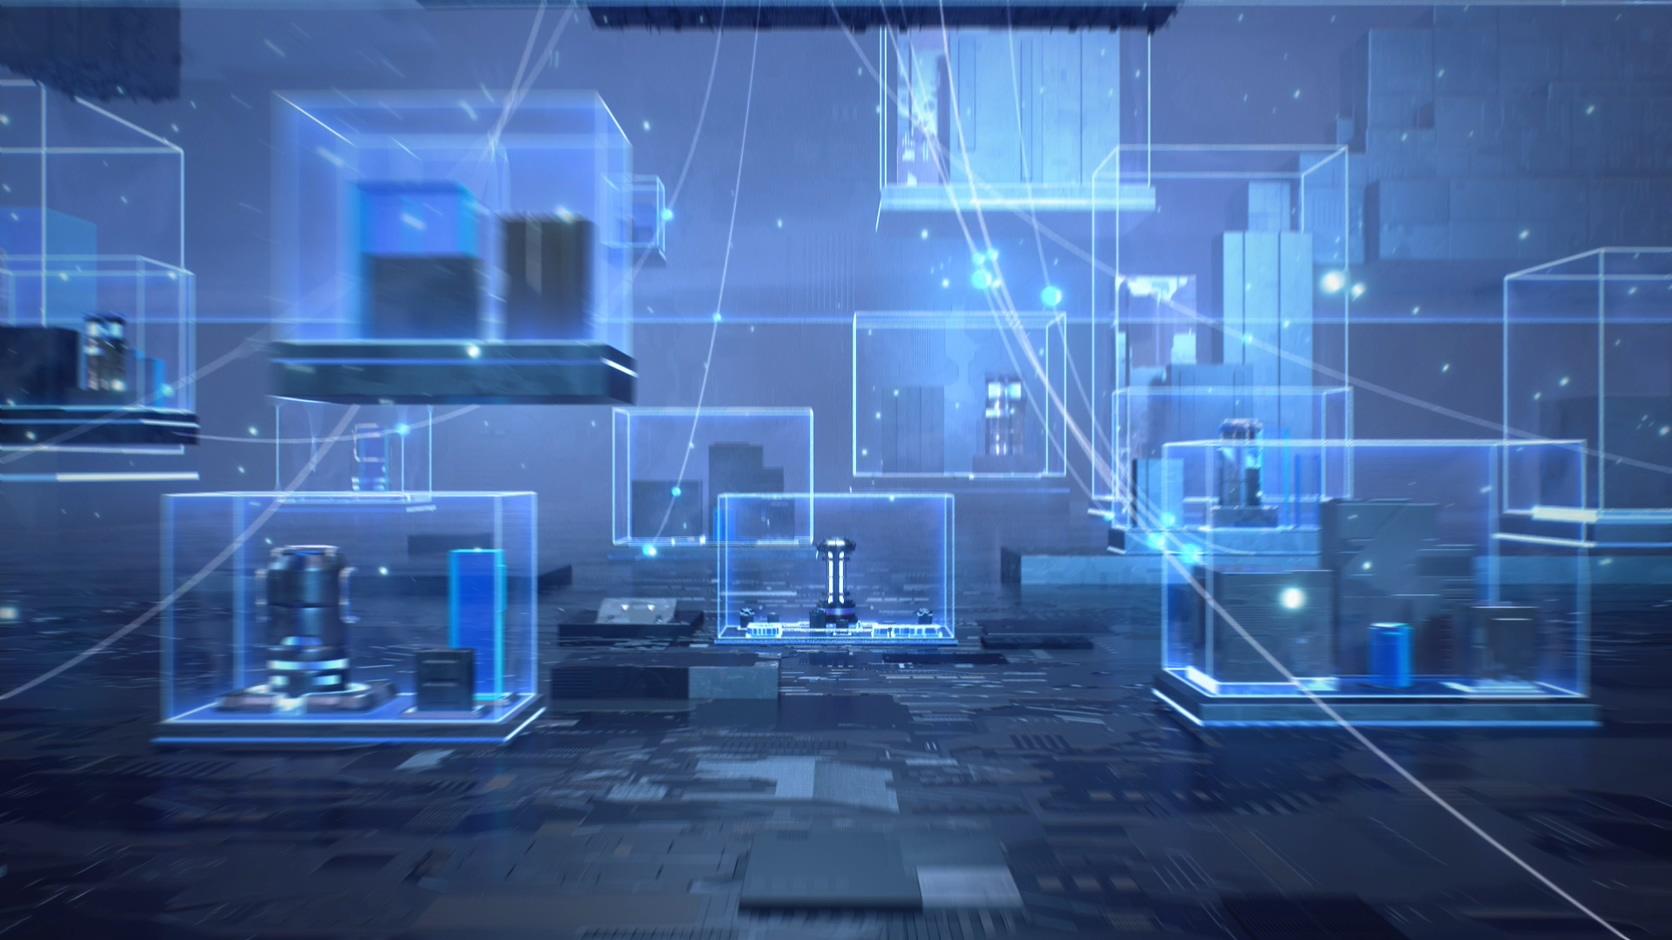 网络安全防火墙科技芯片质感三维金属暗黑线条科幻场景